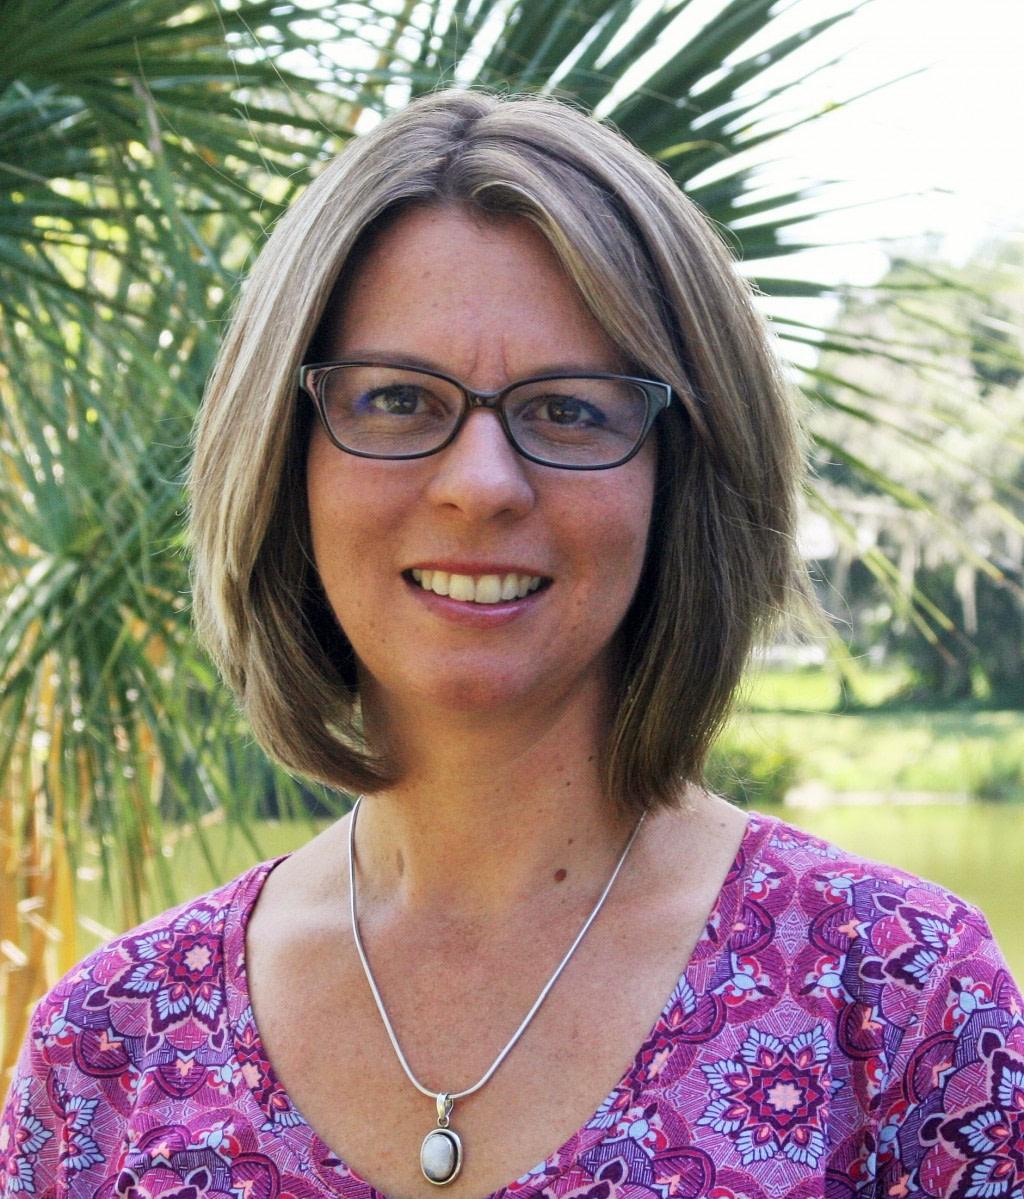 Tamara Teeter Knapp